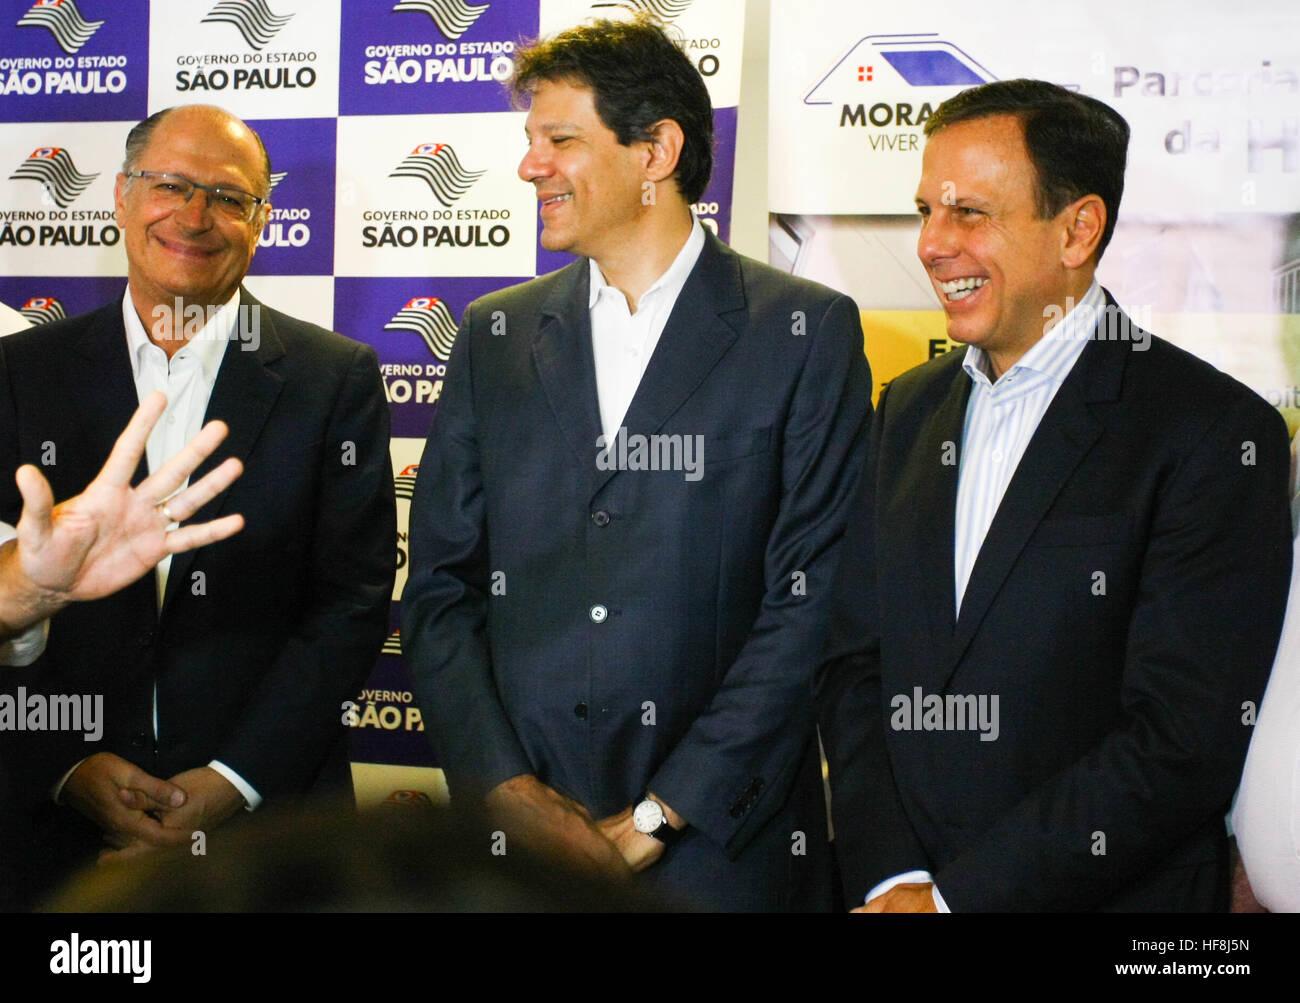 SÃO PAULO, SP - 29.12.2016: ENTREGA DE APARTAMENTOS DA PRIMEIRA PPP - Foto de la derecha. p/esq. El gobernador Geraldo Alckmin, el Alcalde Fernando Haddad y el alcalde electo John Doria. El gobernador Geraldo Alckmin entregados en la mañana del jueves (29), en la Rua São Caetano en el centro de São Paulo, 126 apartamentos de la primera asociación público-privada (PPP) en el país, vivienda para familias de bajos ingresos. Ellos asistieron al evento el Alcalde Fernando Haddad y el alcalde electo John Doria. (Foto: Aloisio Mauricio/Fotoarena) Foto de stock